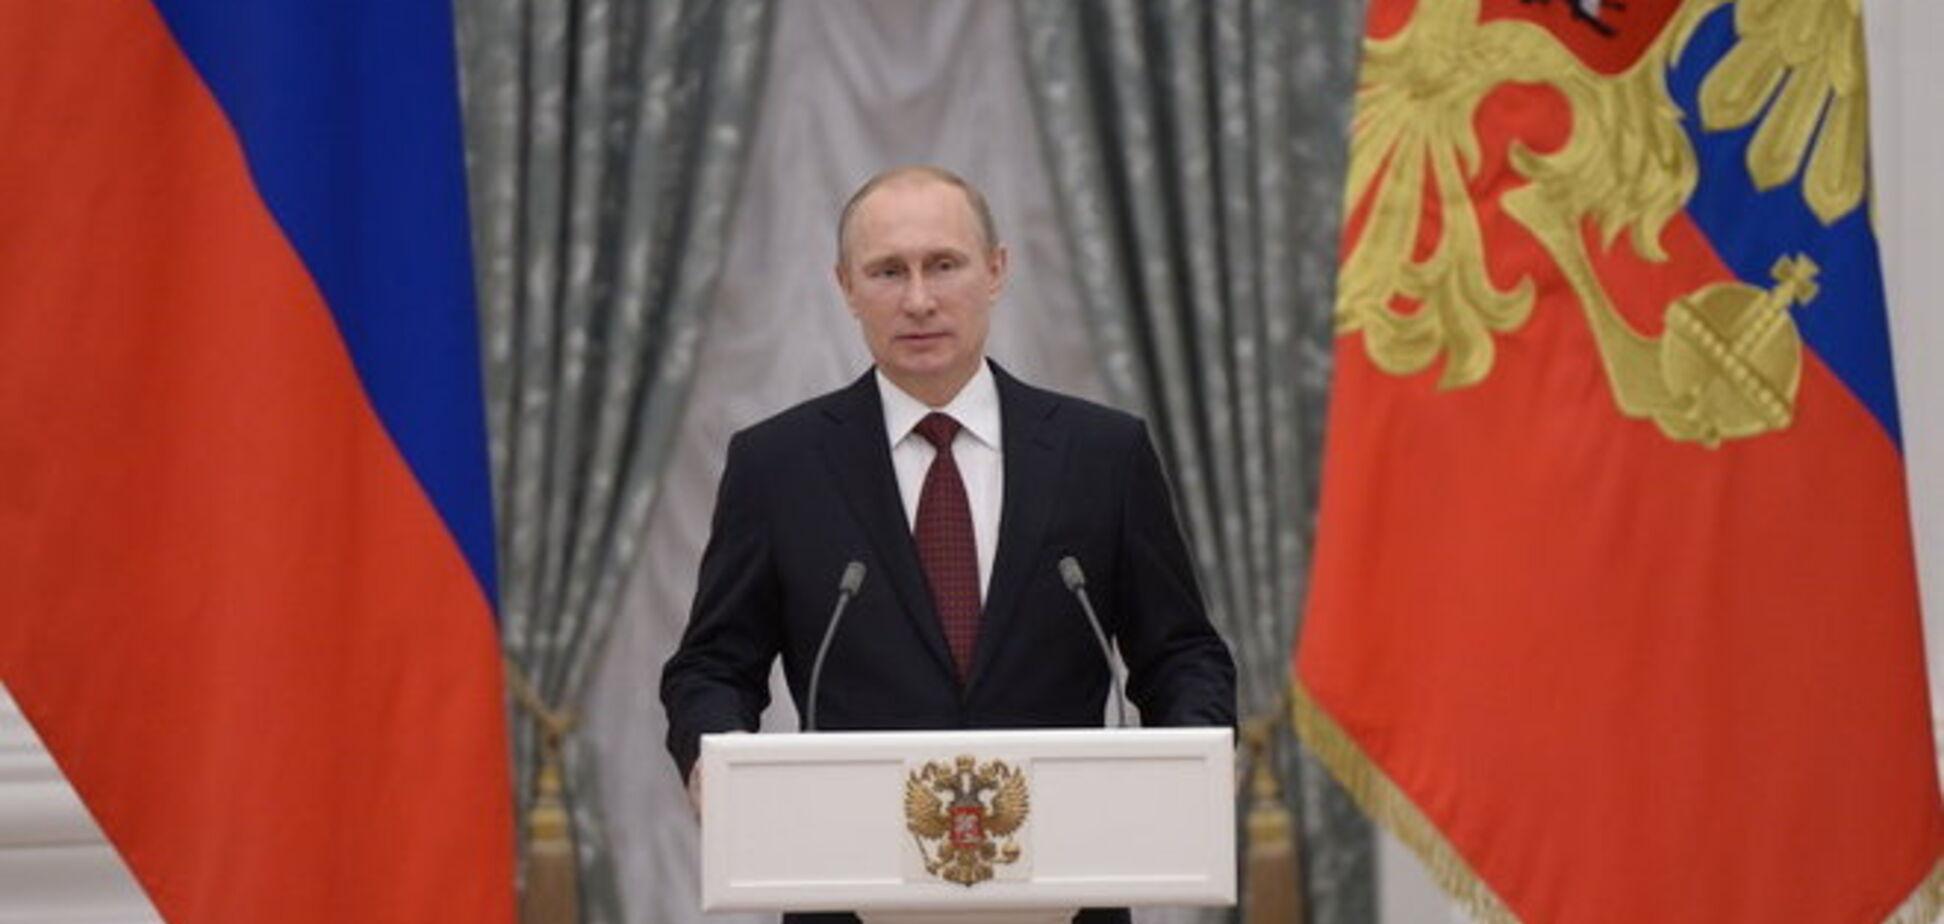 У Путіна розповіли, коли він сформулює своє ставлення до псевдореферендуму